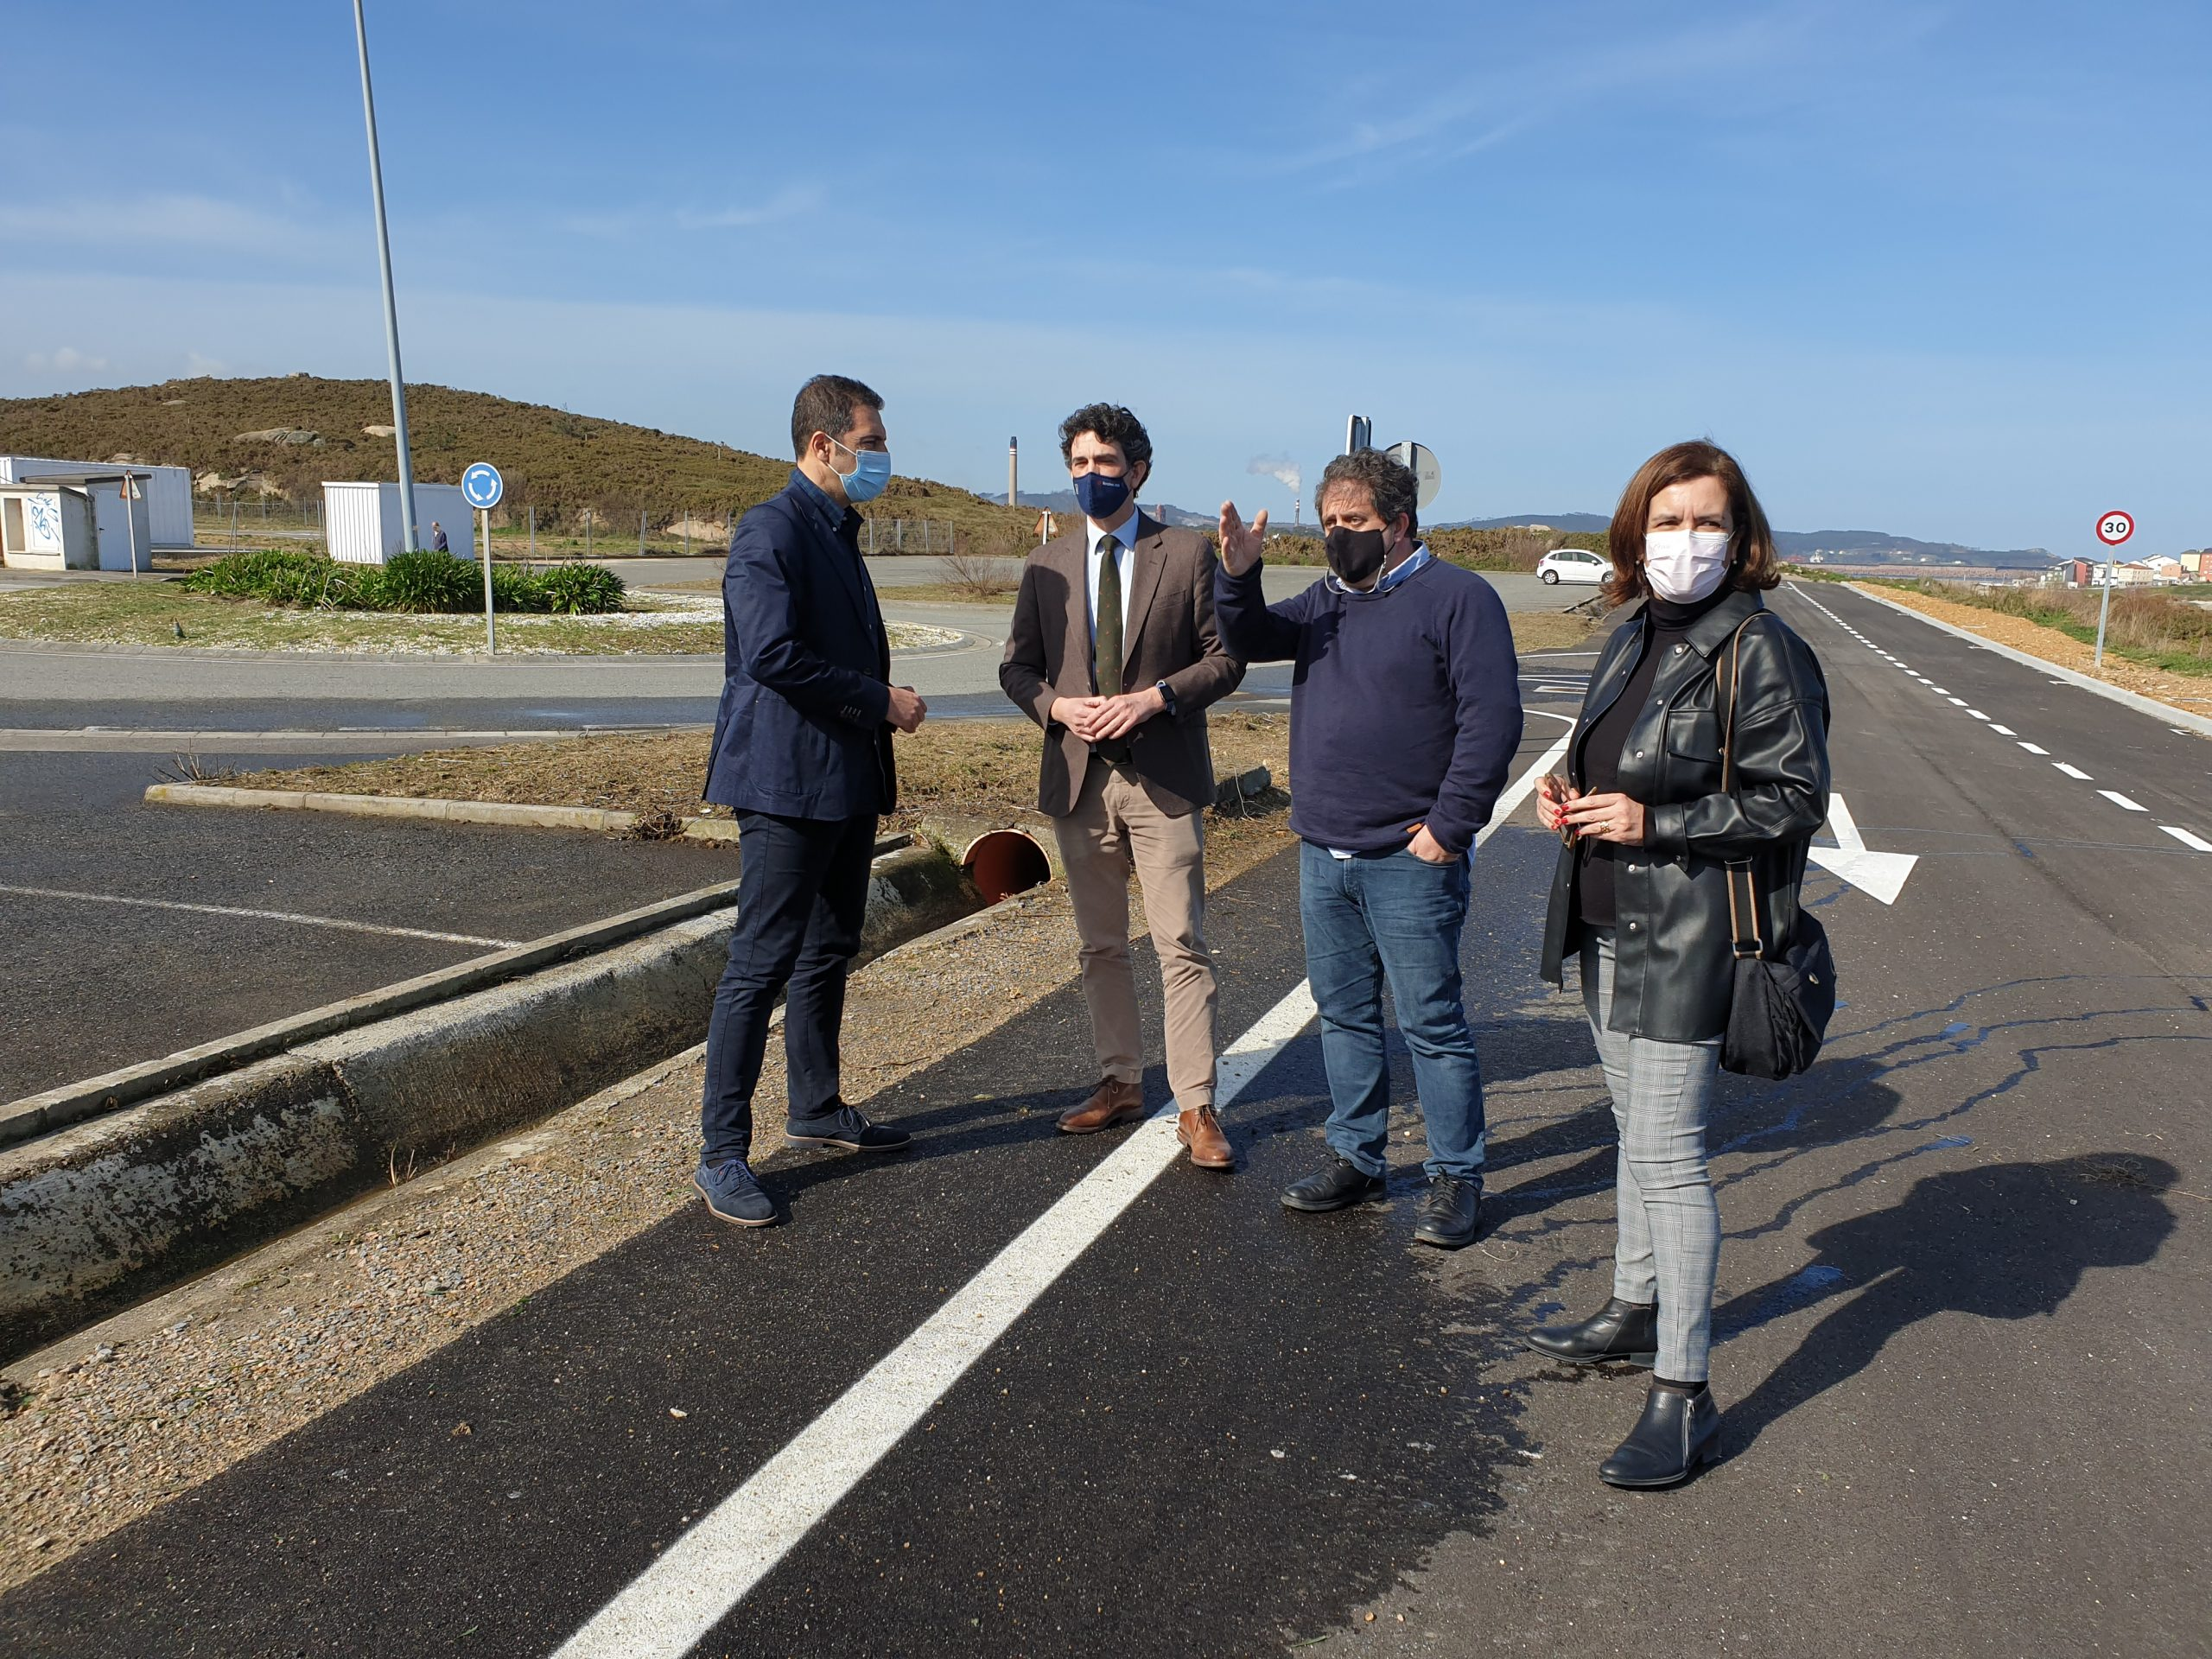 A Xunta destina 231.000 euros a habilitar un punto de recollida de residuos e o acceso á edar no polígono industrial de Cuíña, en Cervo